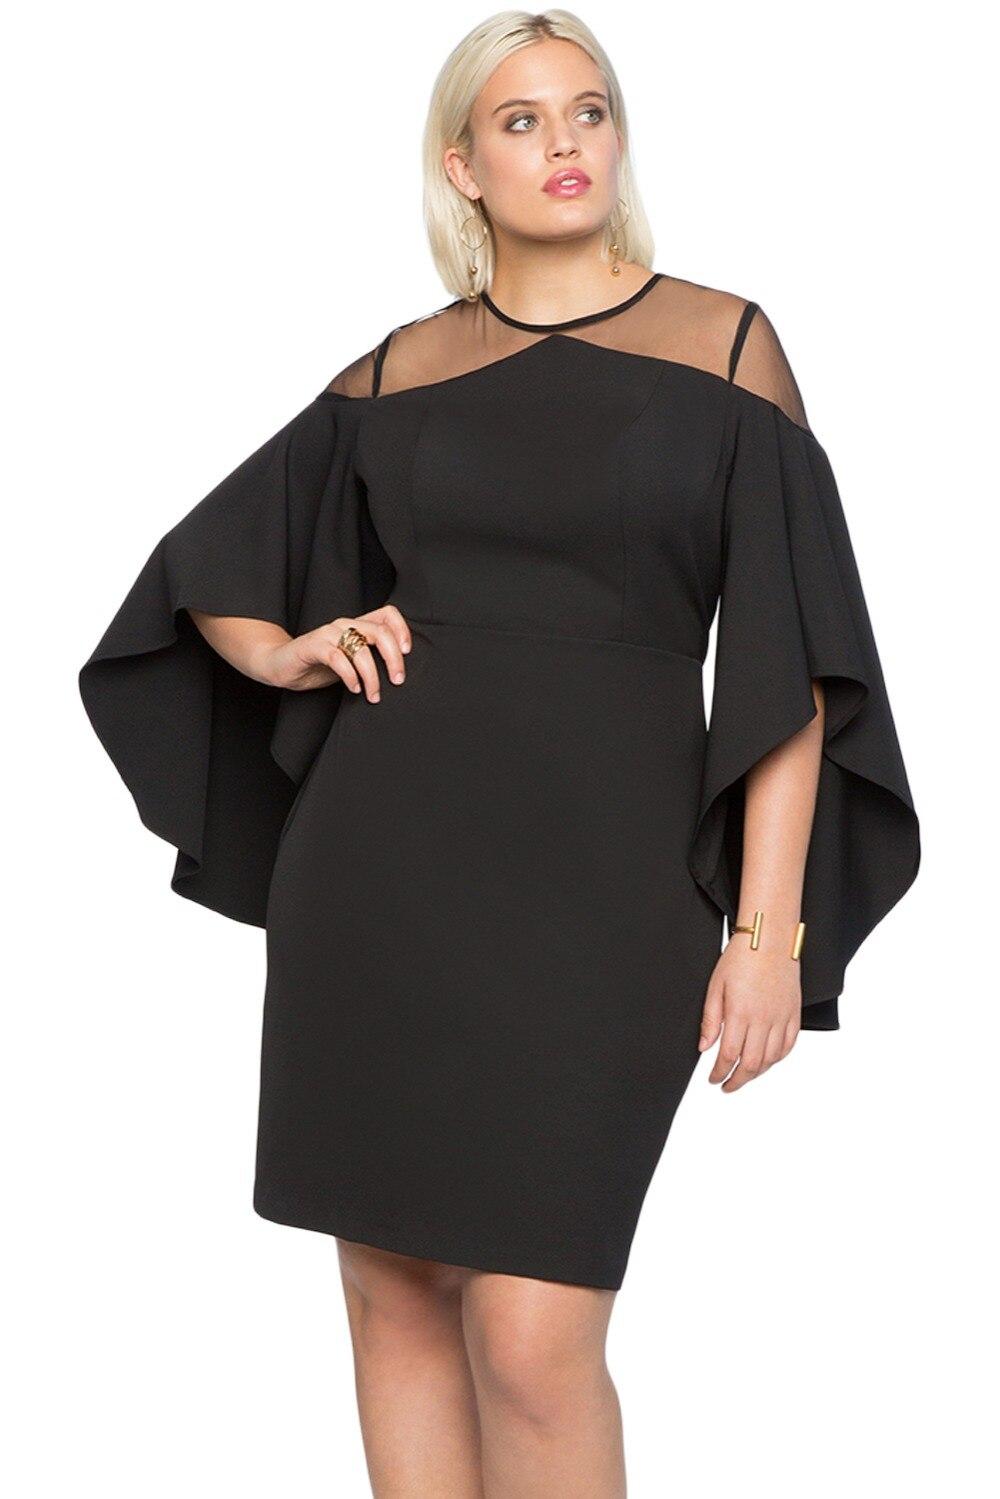 Black-Mesh-Illusion-Cold-Shoulder-Plus-Size-Dress-LC220395-2-1